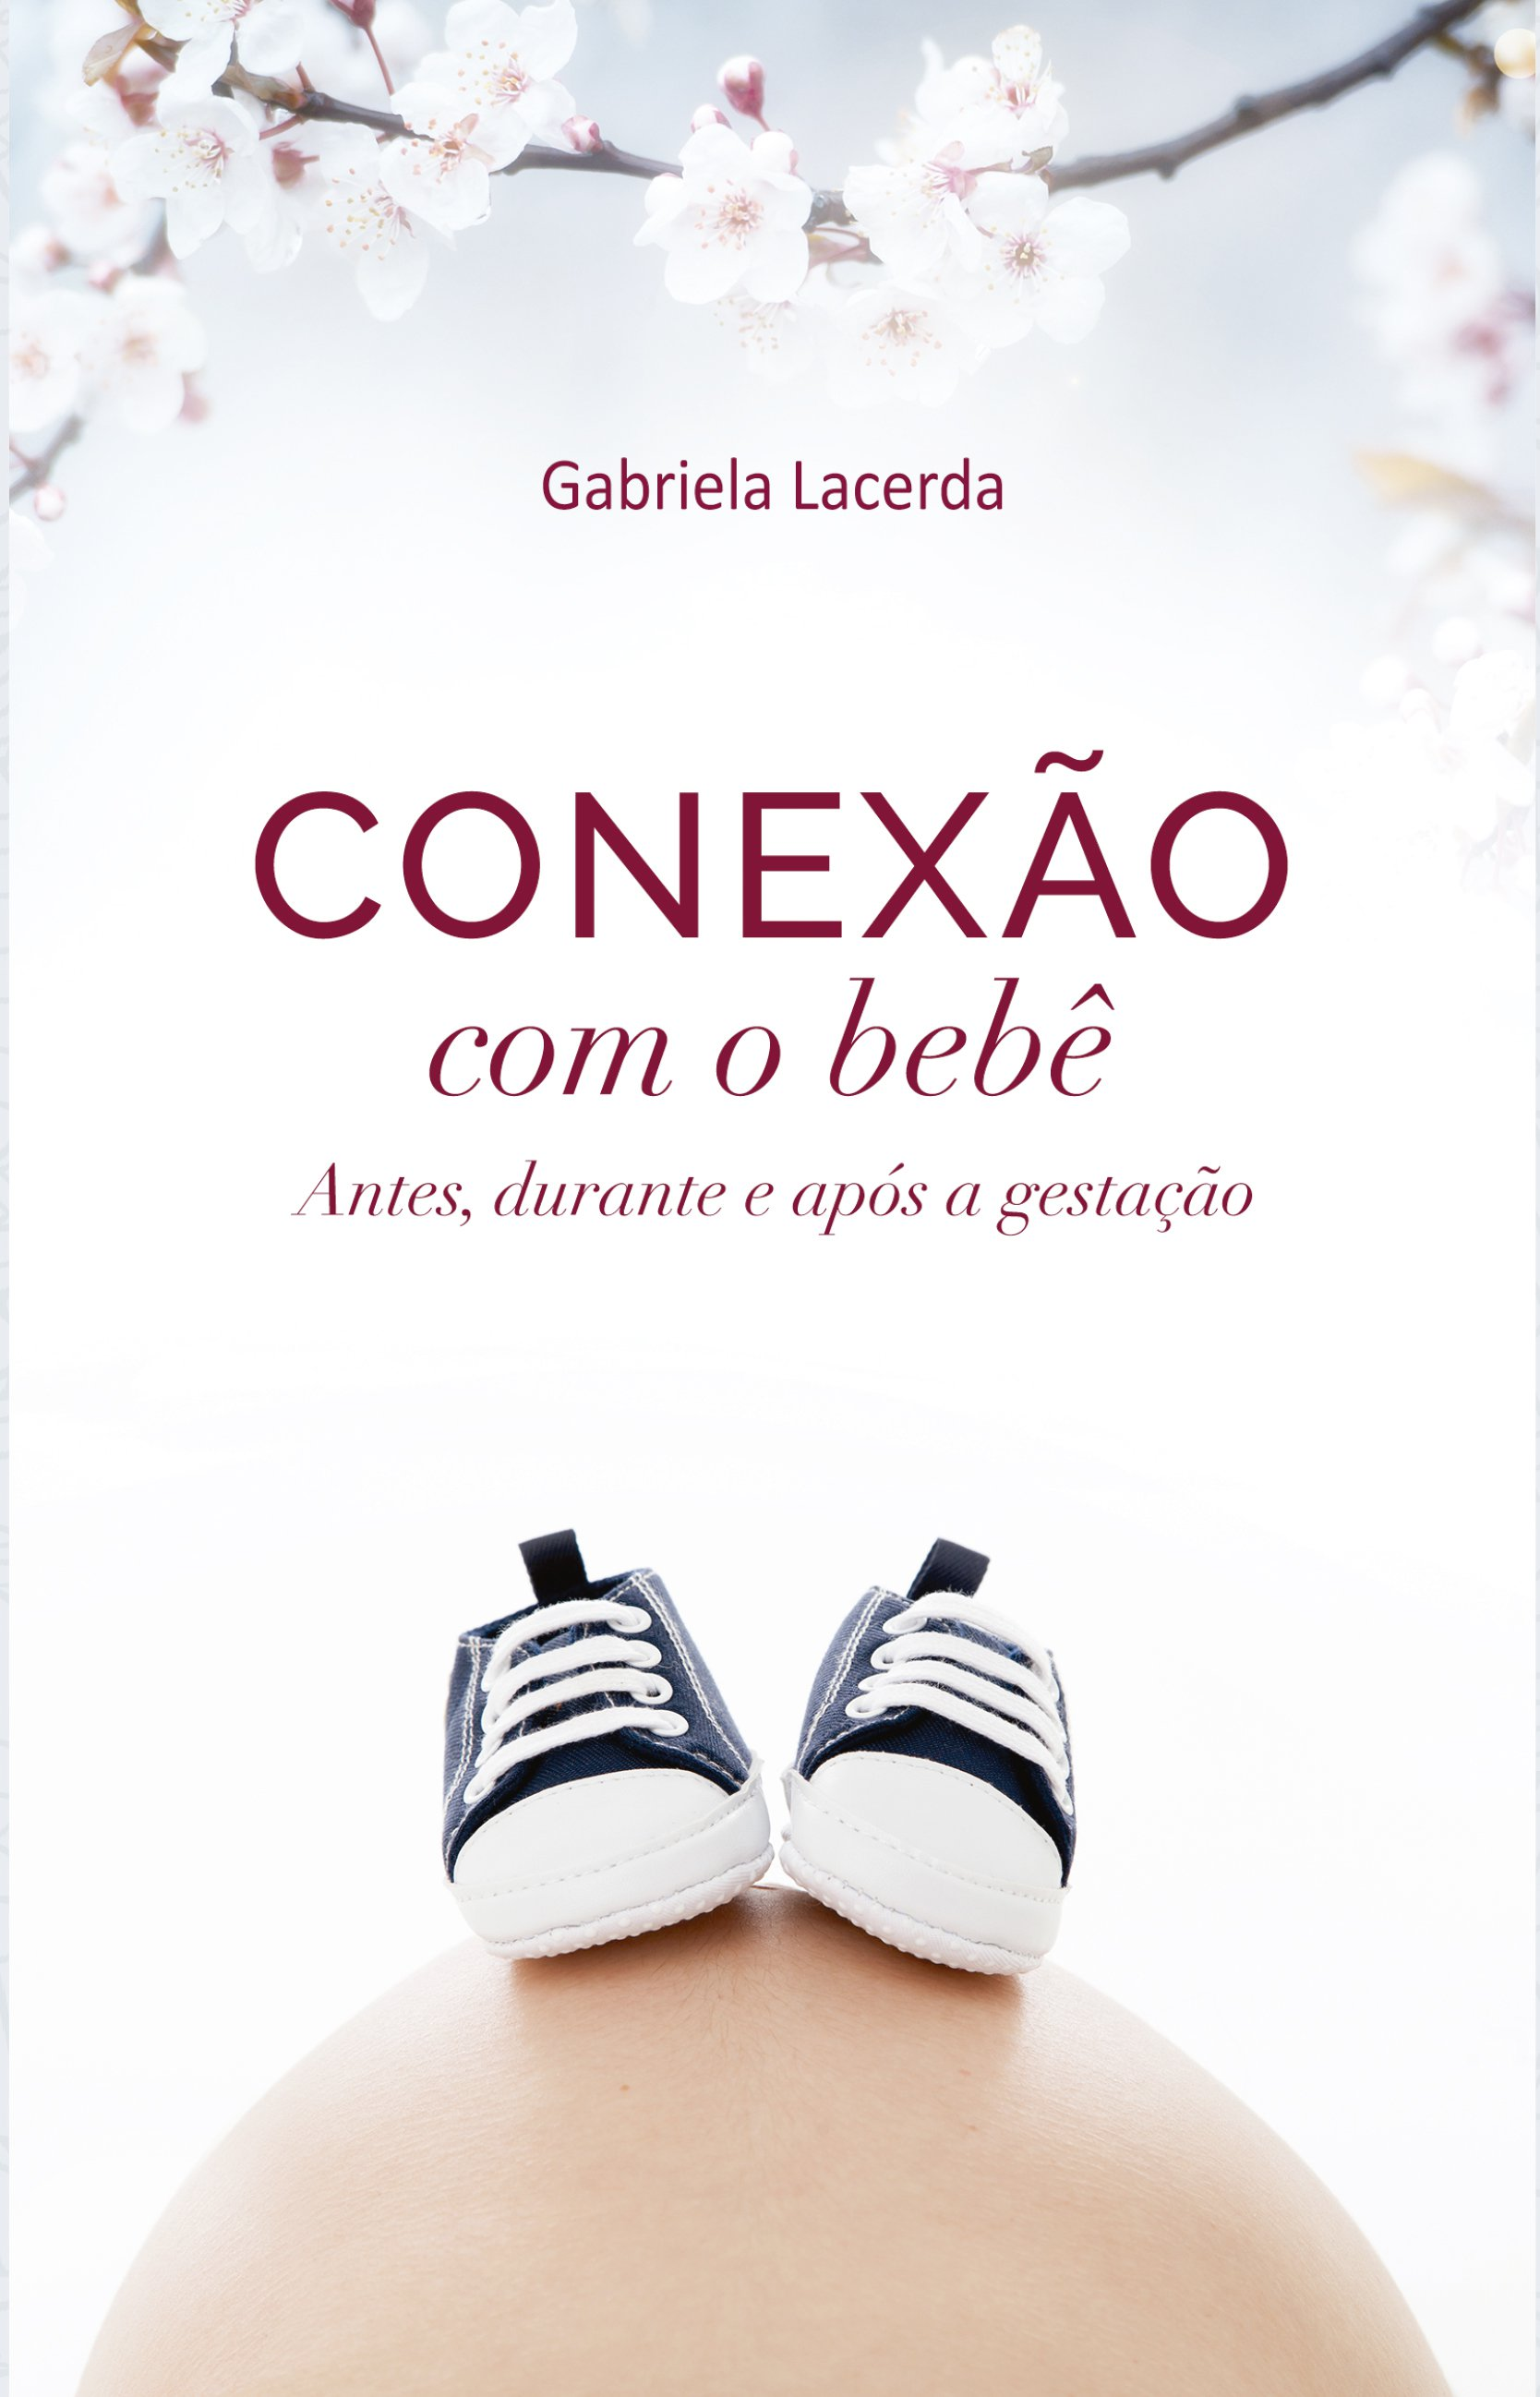 Liberado_Gabriela_conexão com o bebe.jpg